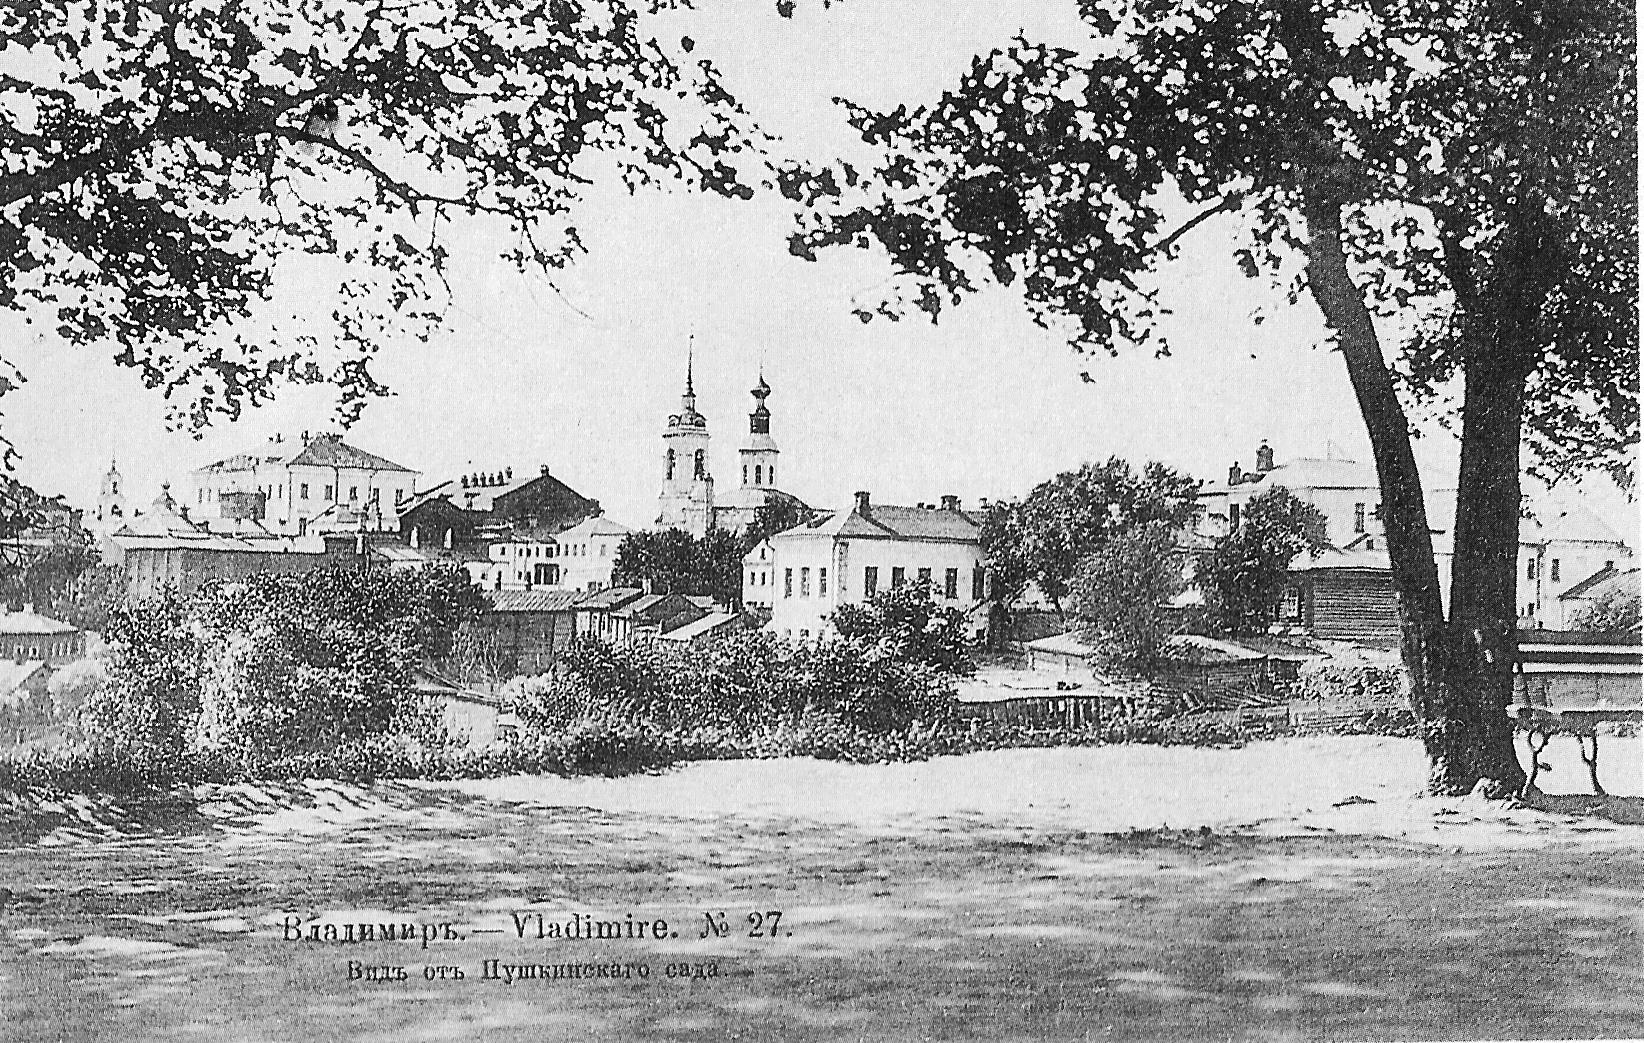 Вид от Пушкинского сада